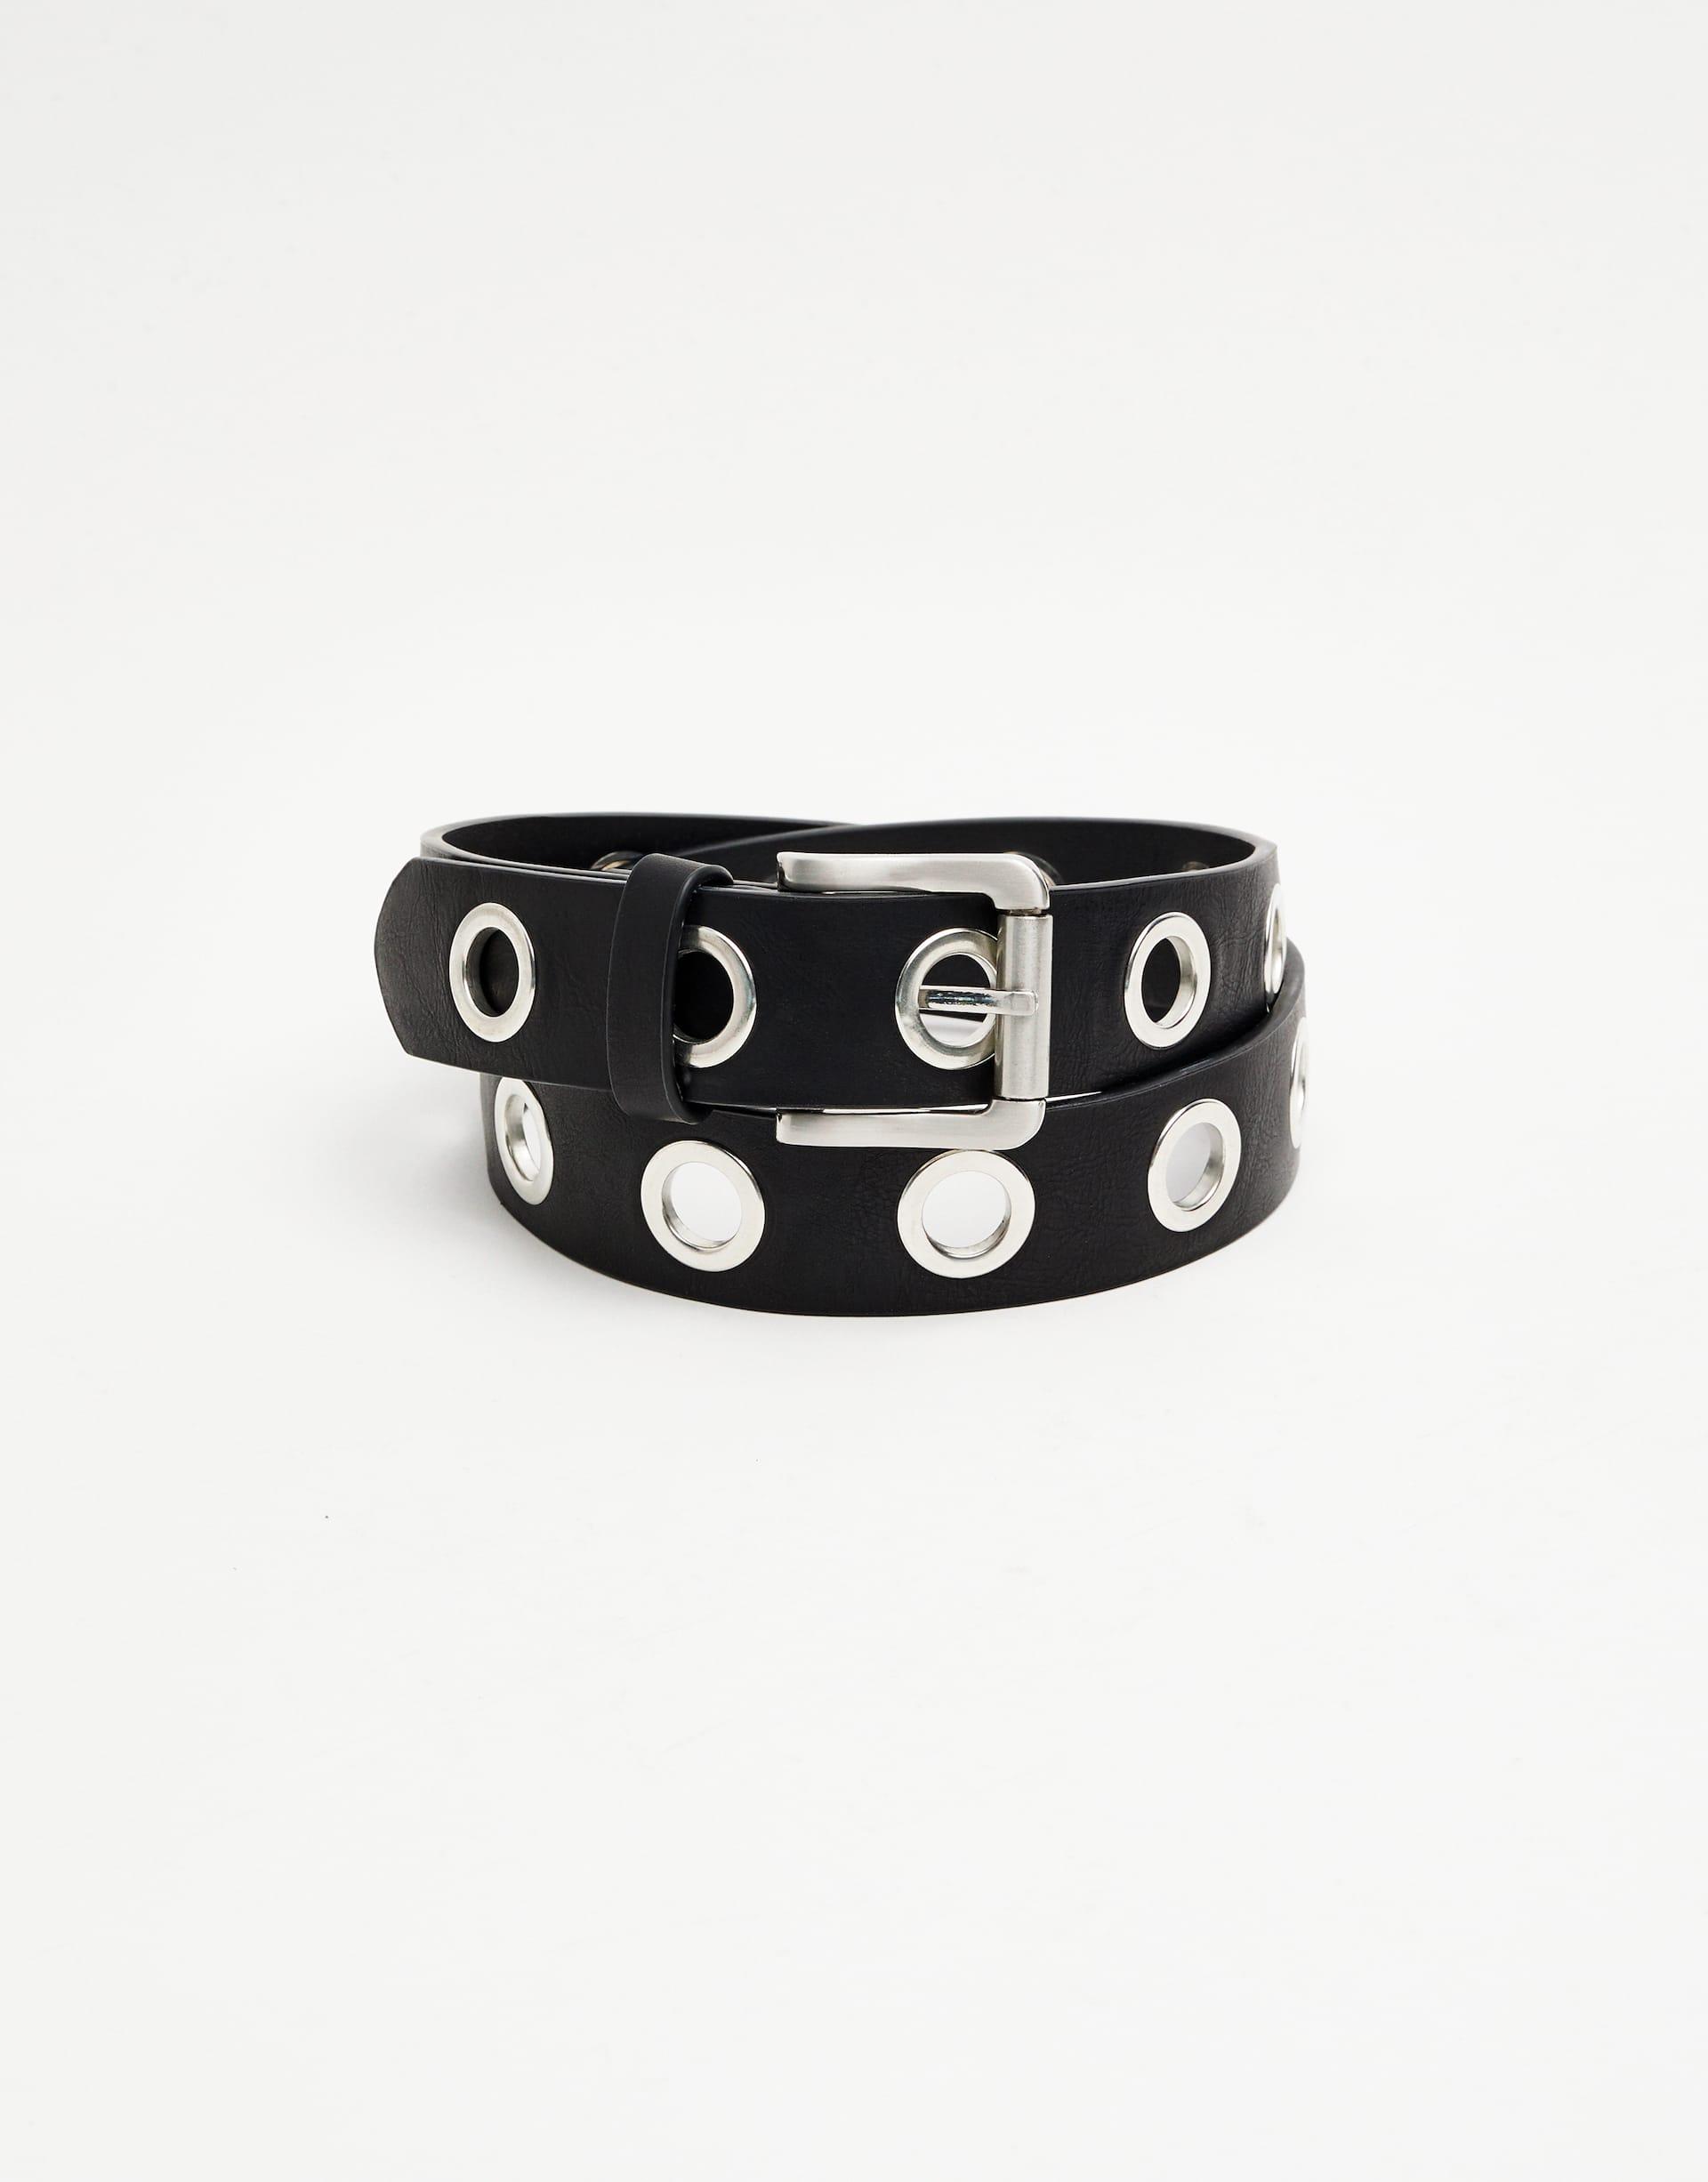 nueva estilos bd6f6 04362 Cinturón eyelets